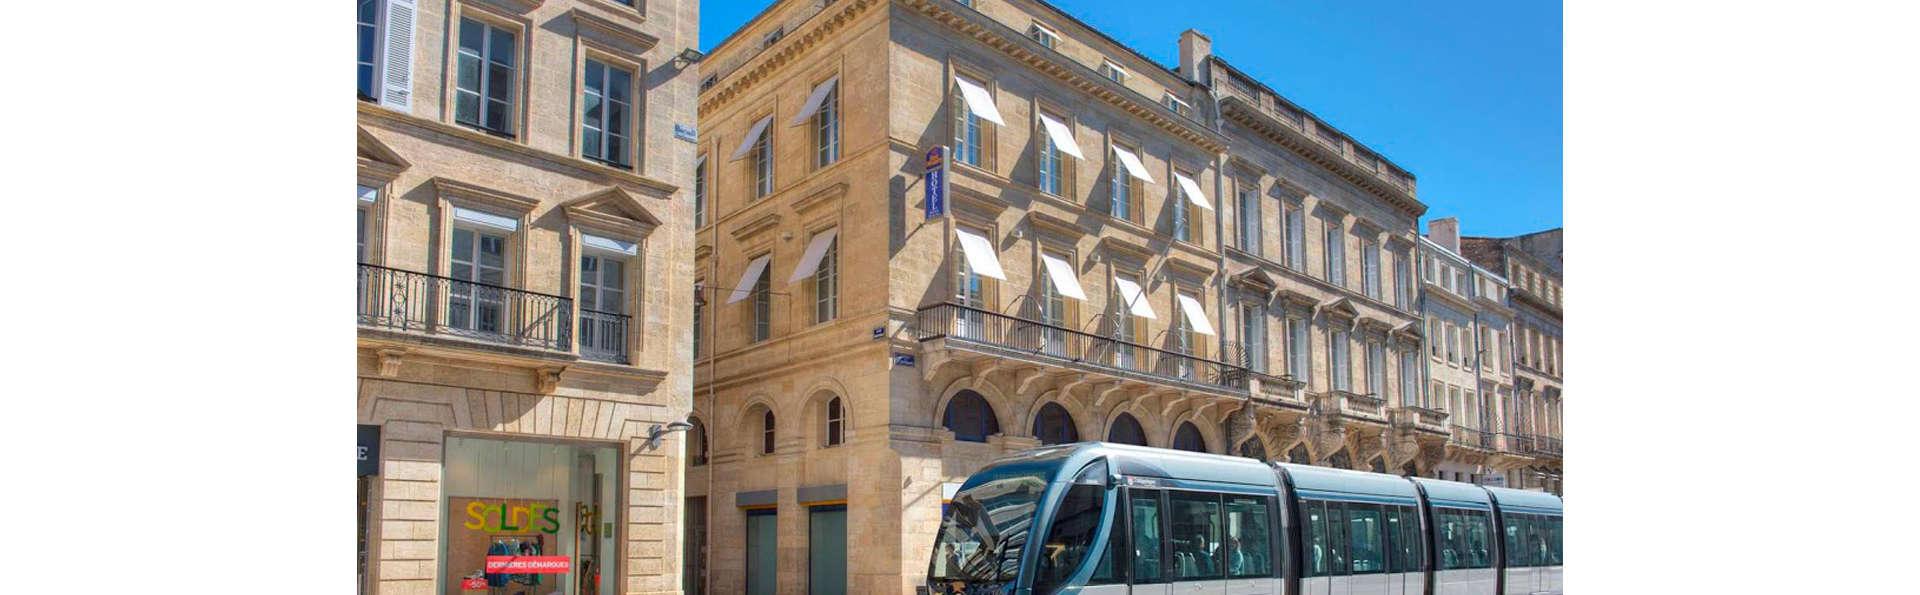 Best Western Bordeaux « Bayonne Etche-Ona » - EDIT_FRONT_02.jpg